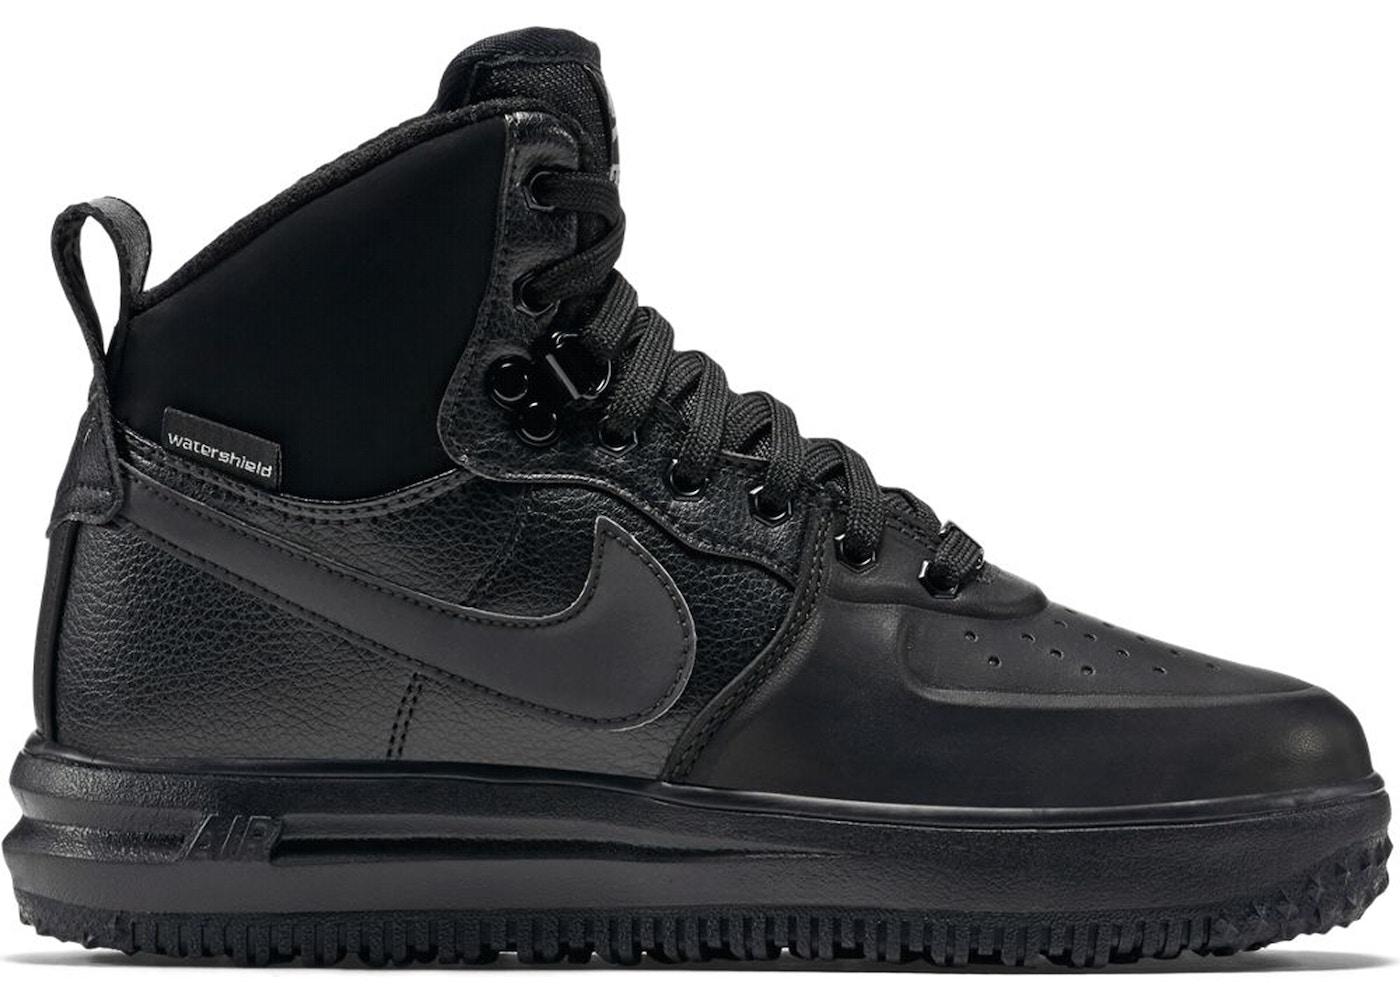 Nike Lunar Force 1 Sneakerboot Black (GS)